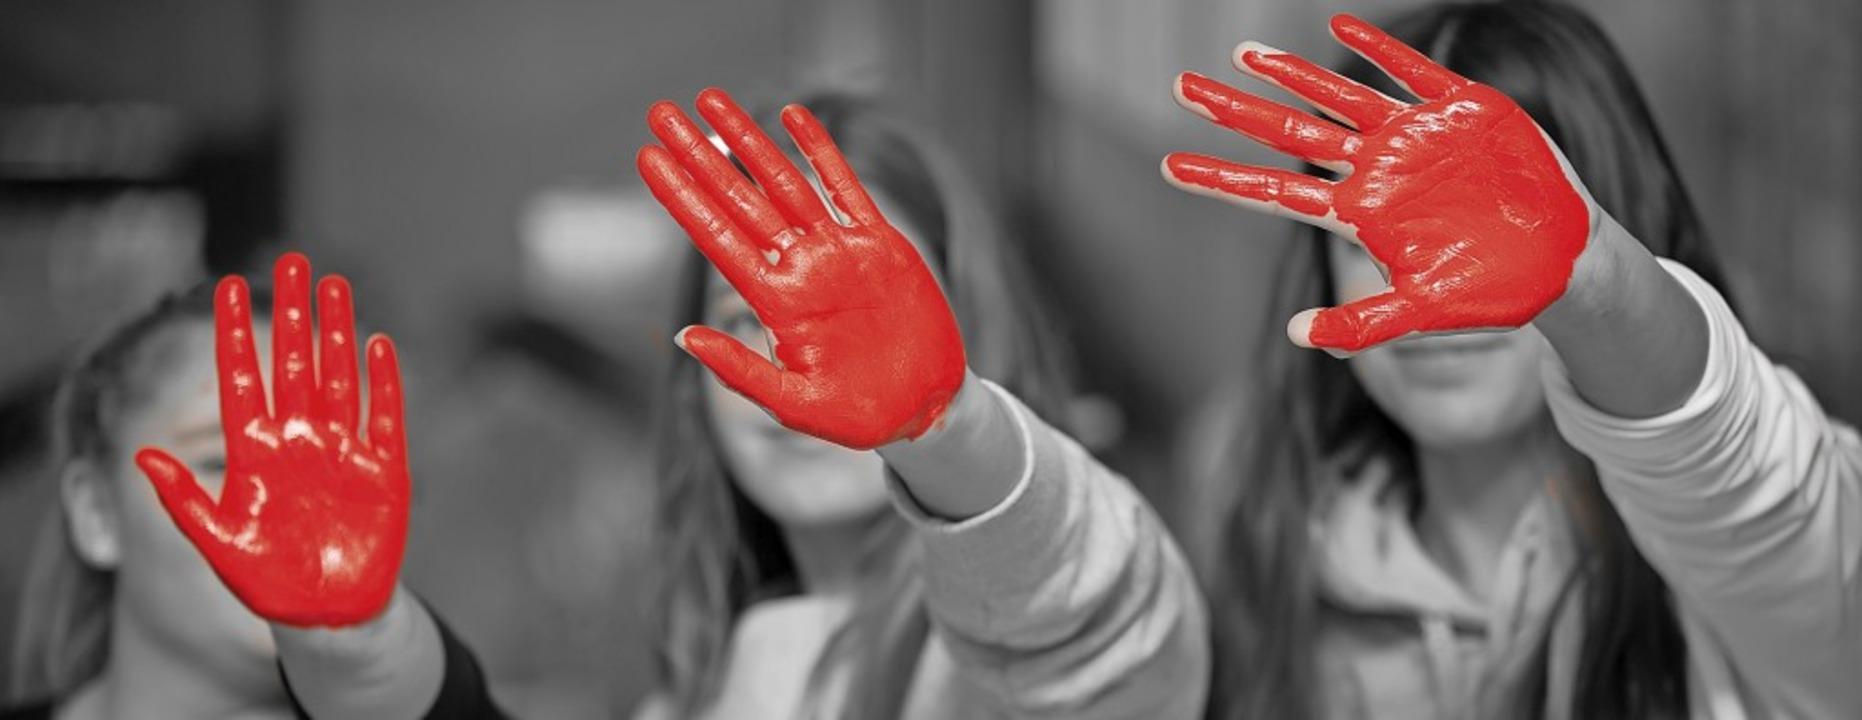 Mit der roten Hand als Symbol protesti...Auseinandersetzungen auf dieser Welt.     Foto: Thomas Steuber